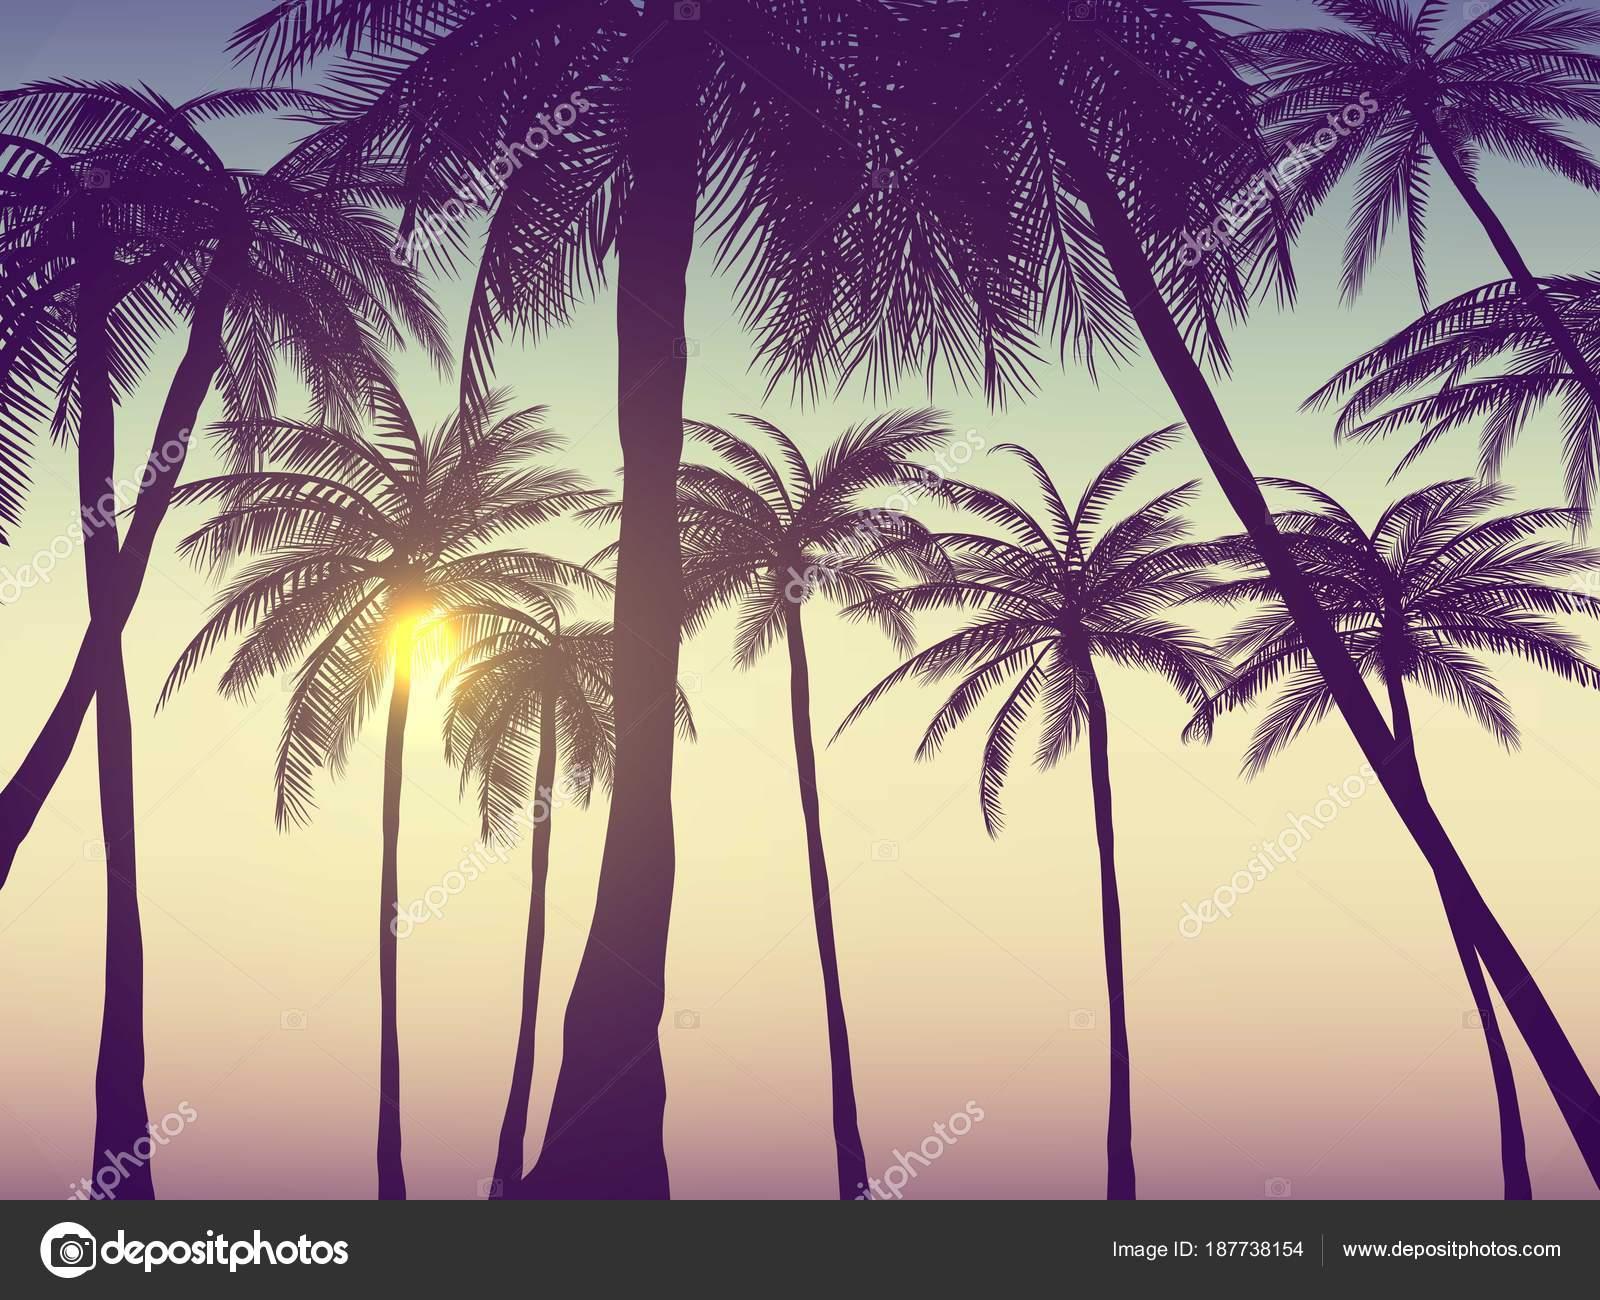 Cute Palm Tree Wallpaper Ambiti Provenienza Estate California Tumblr Impostati Con